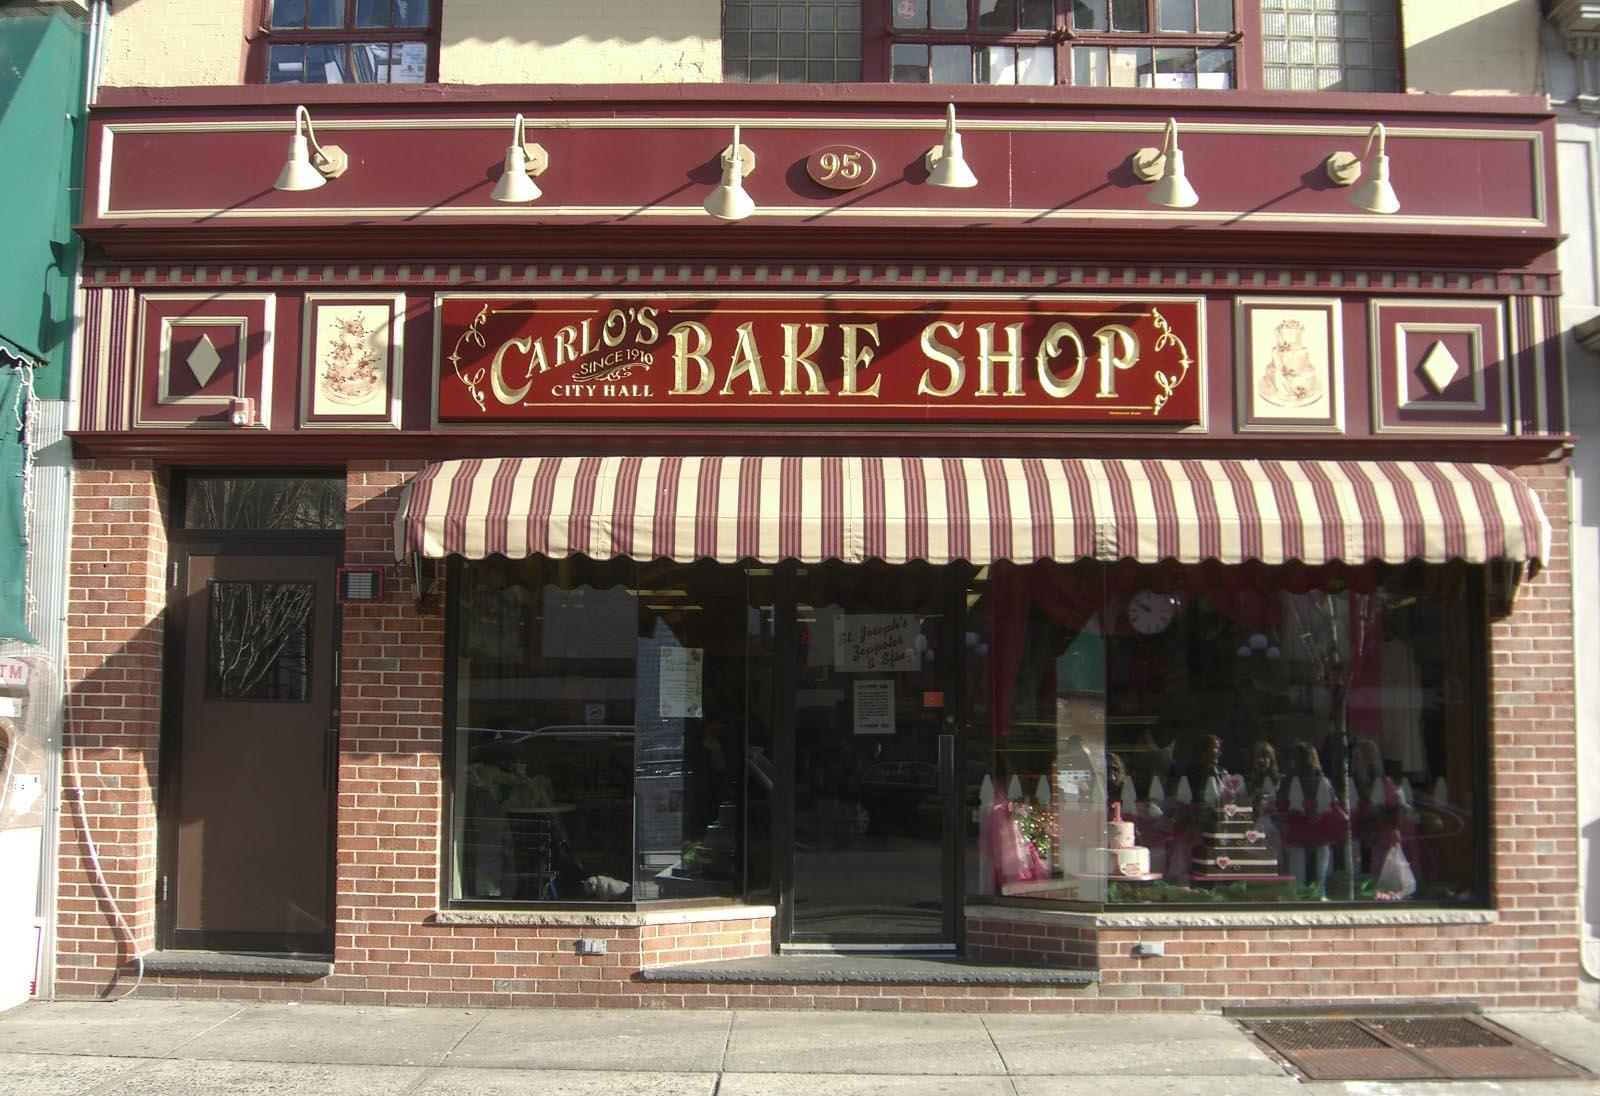 Carlo's Bake Shop - Wikipedia